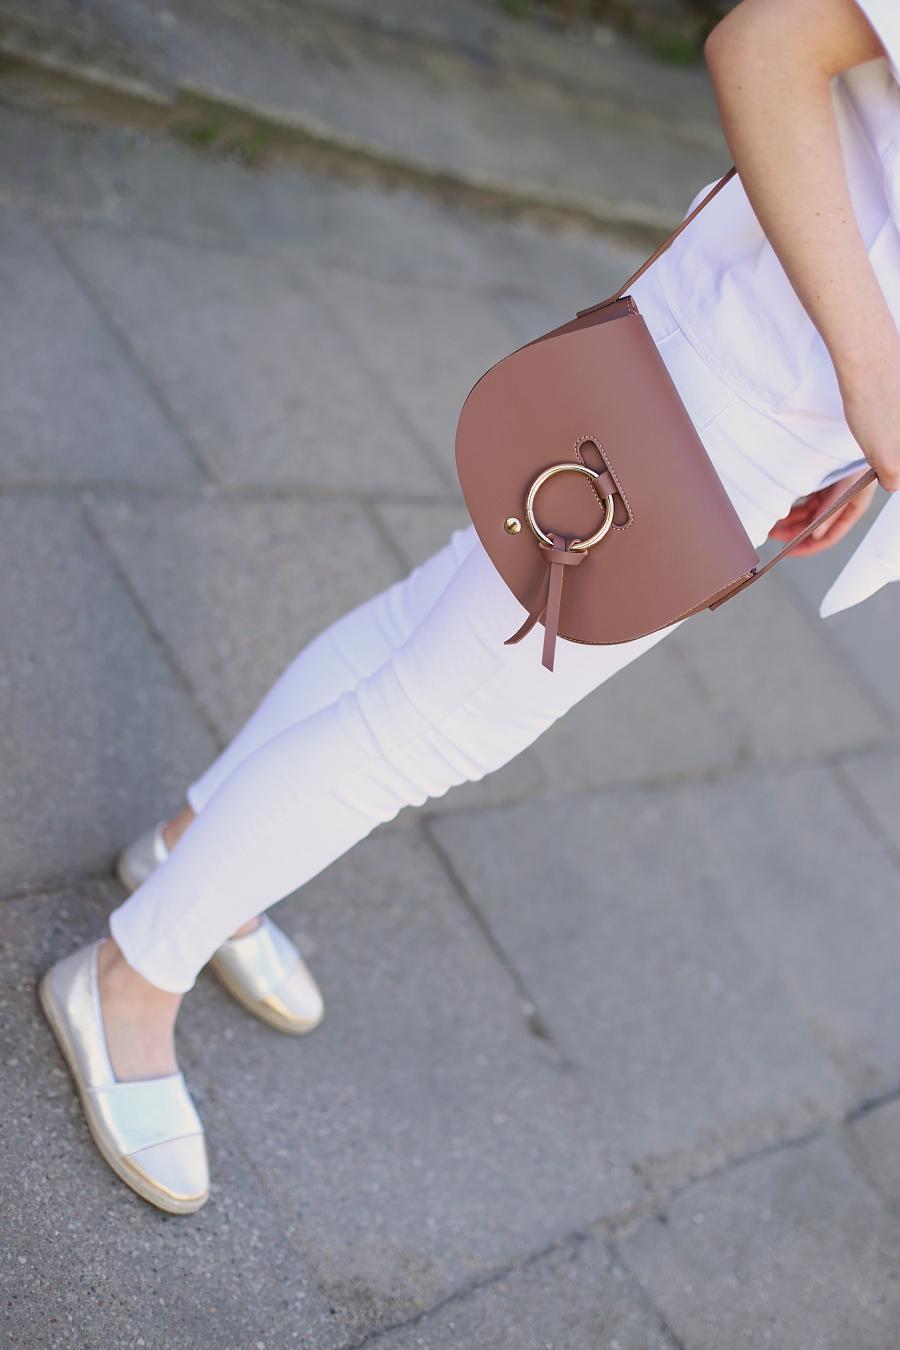 Białe jeansy, T-shirt z wiązaniem, torebka z okrągłą metalową obręczą